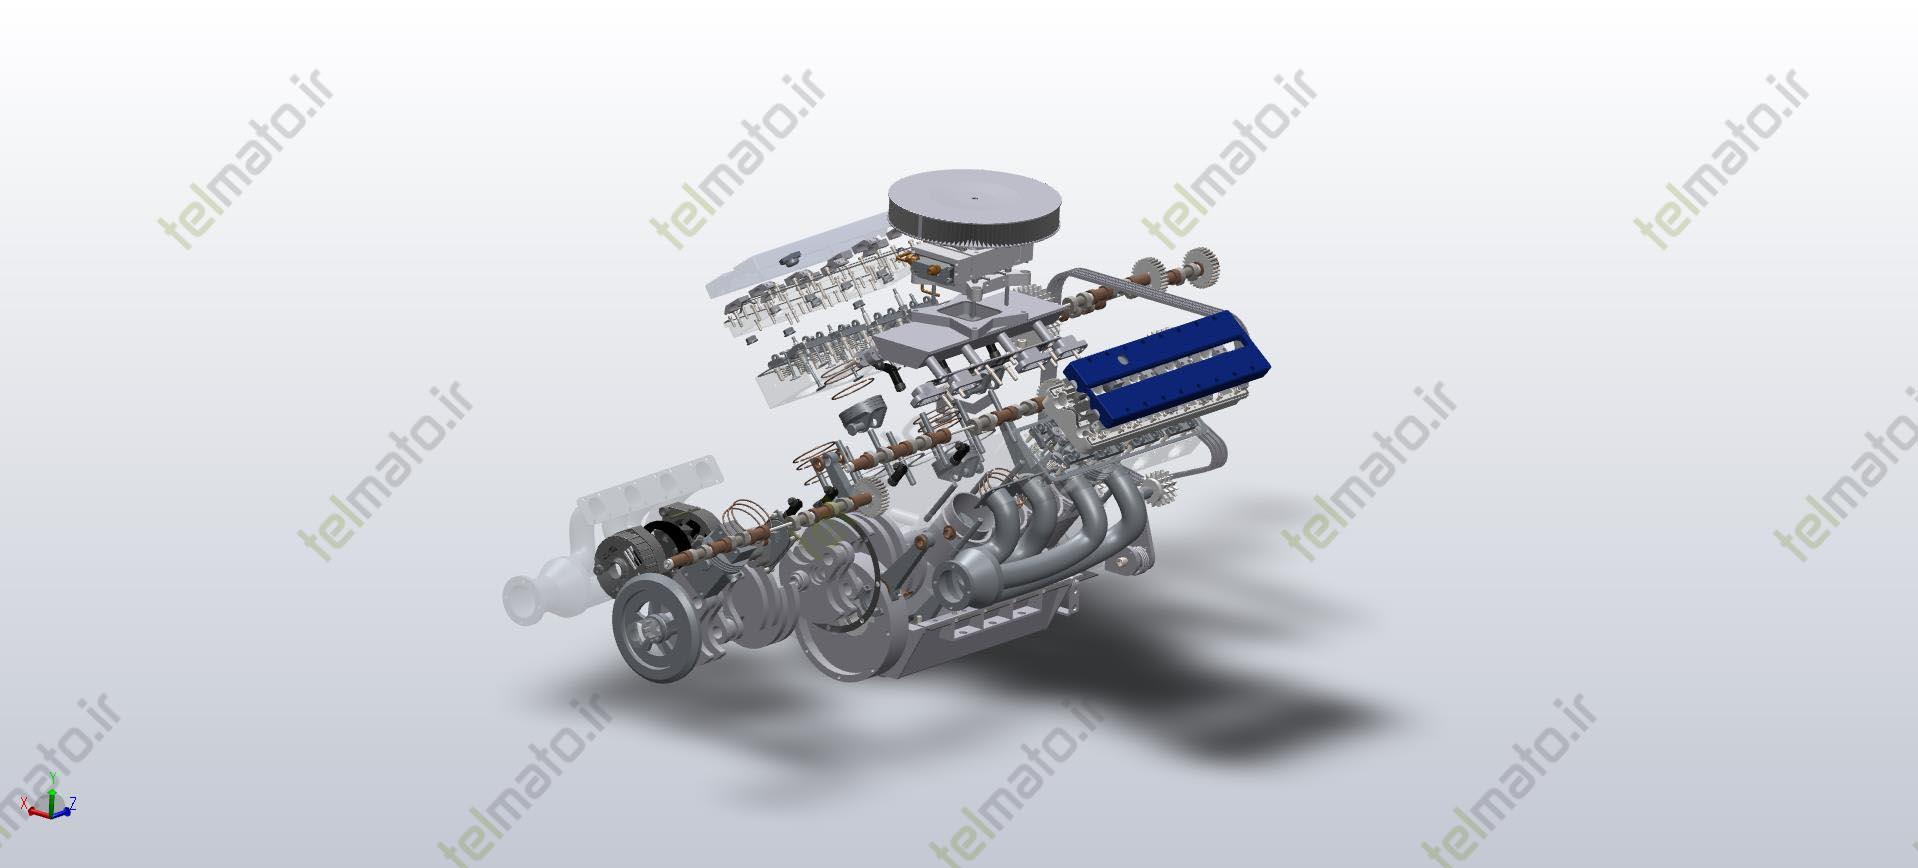 دانلود پروژه طراحی شده موتور خورجینی ( V شکل ) 8 سیلندر در نرم افزار سالیدورک solidwork + فایل